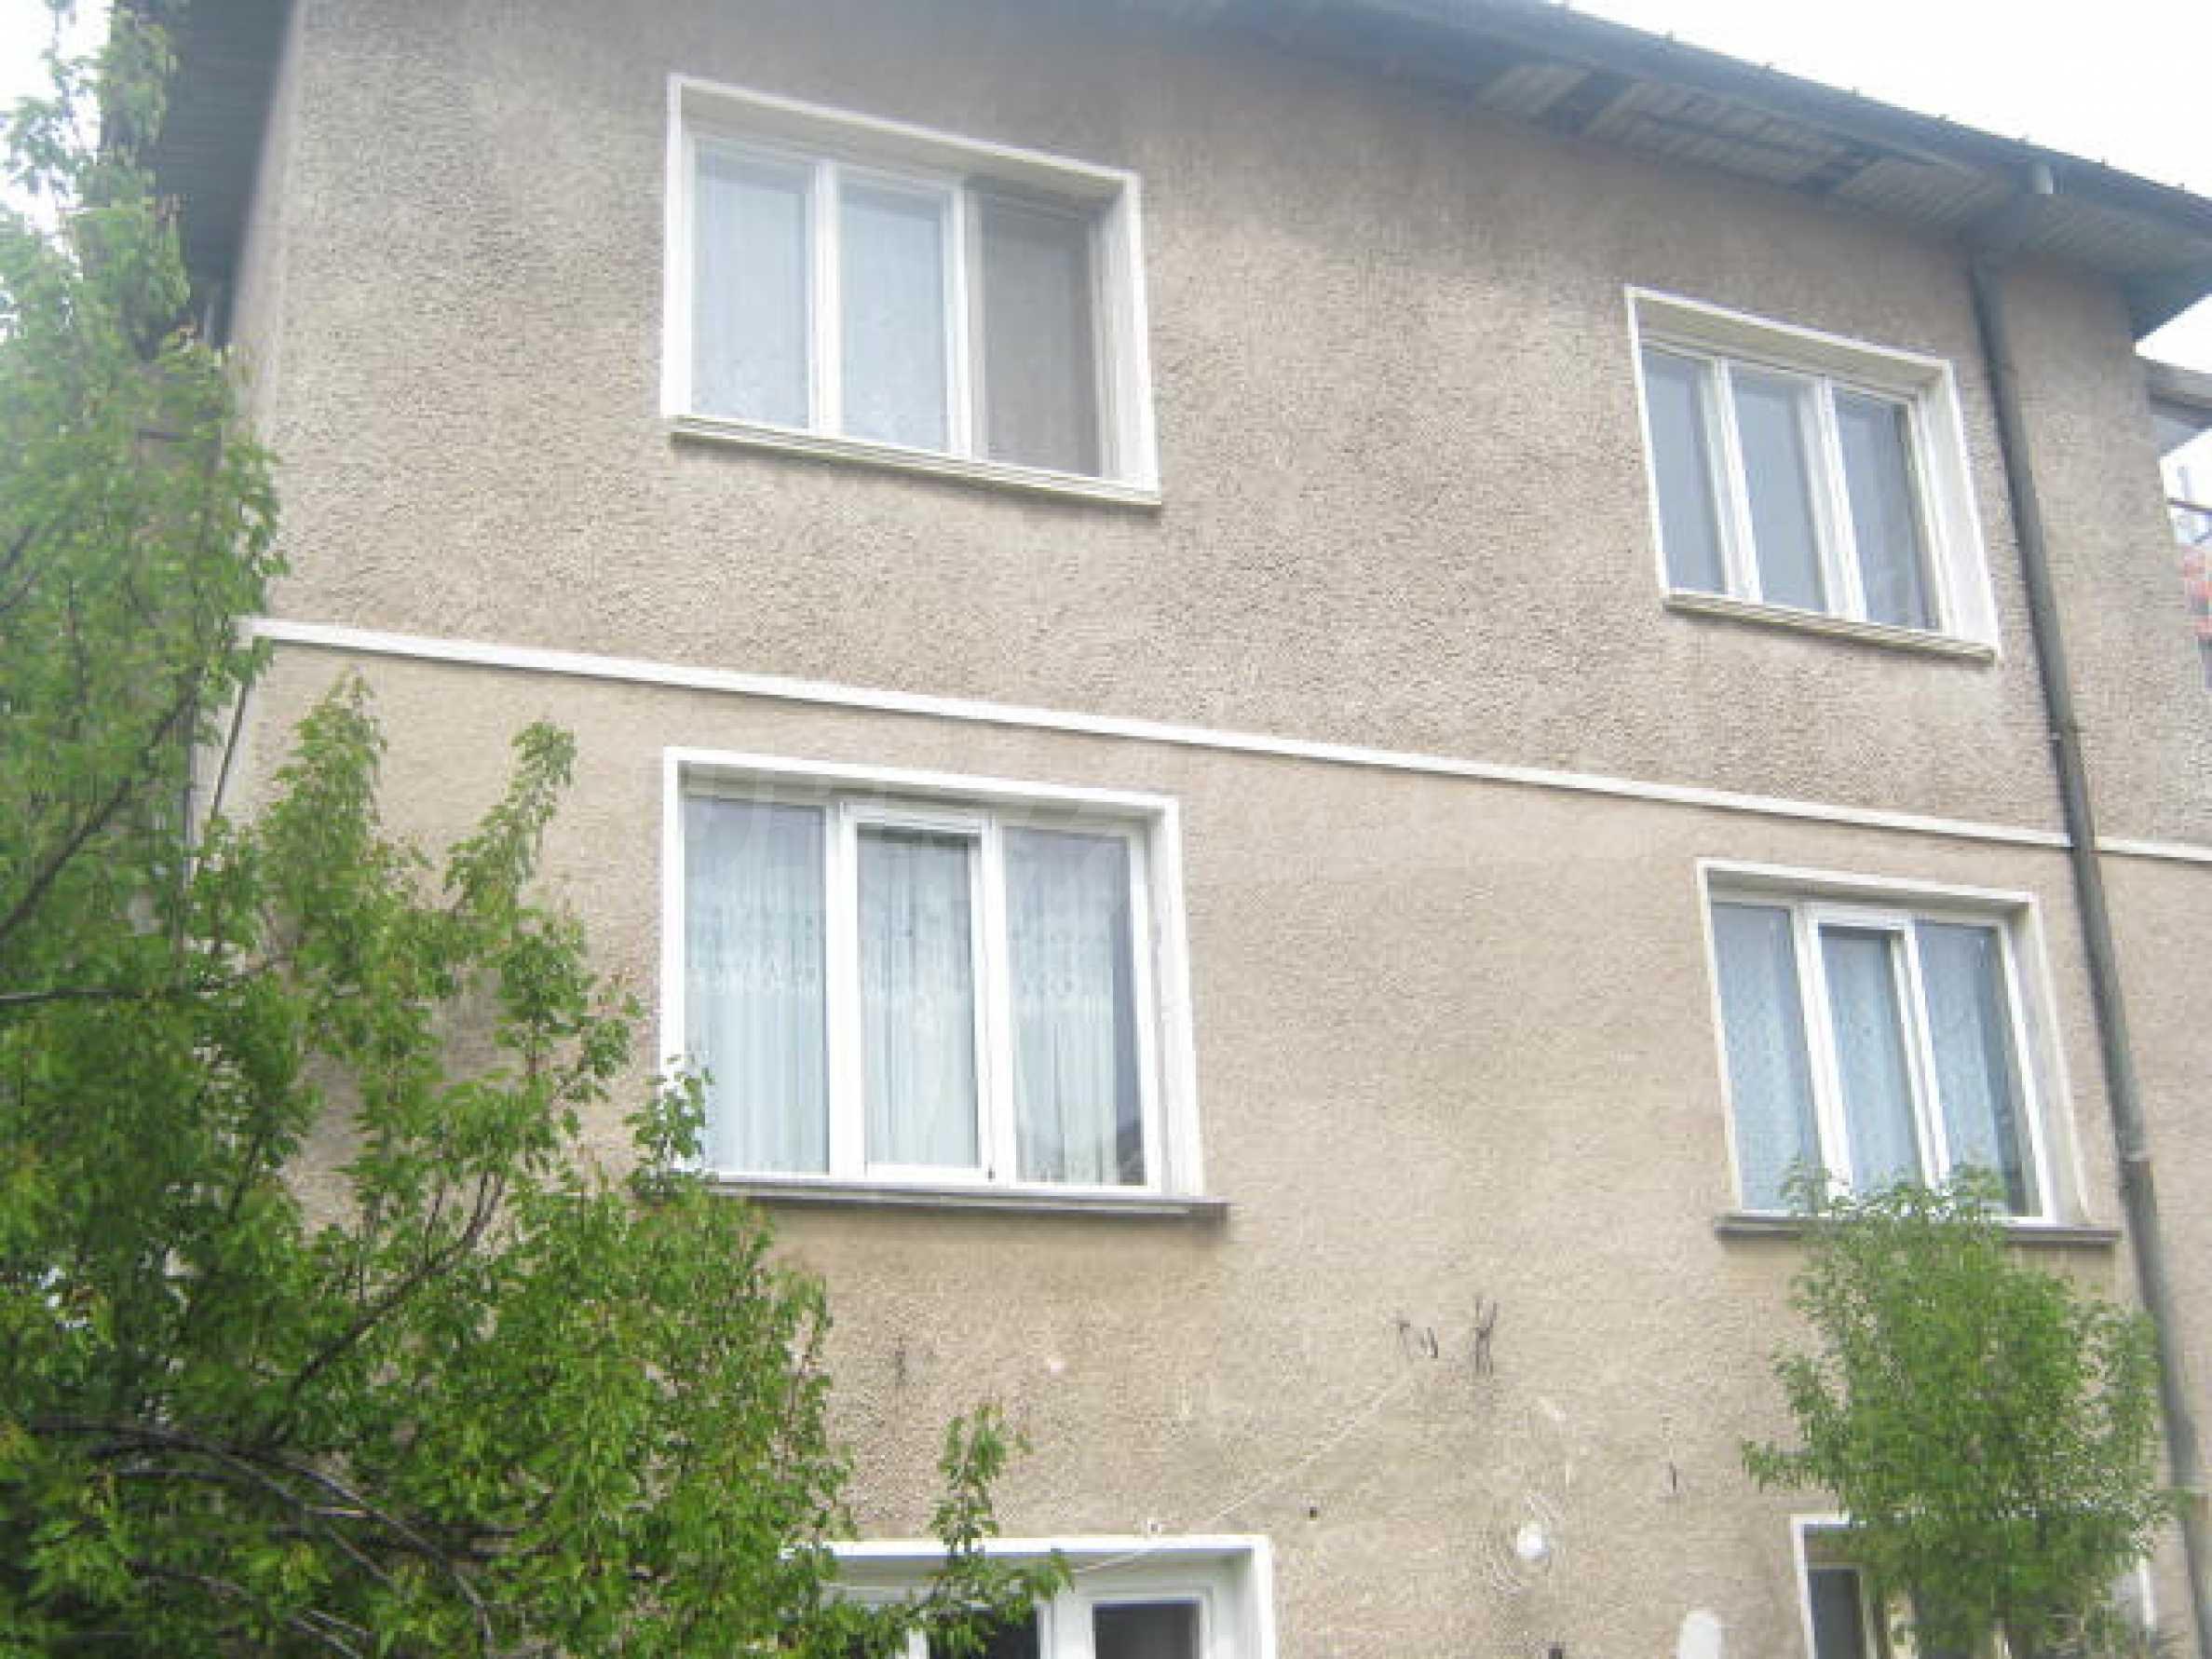 Продажа этажа дома в г. Видин 2